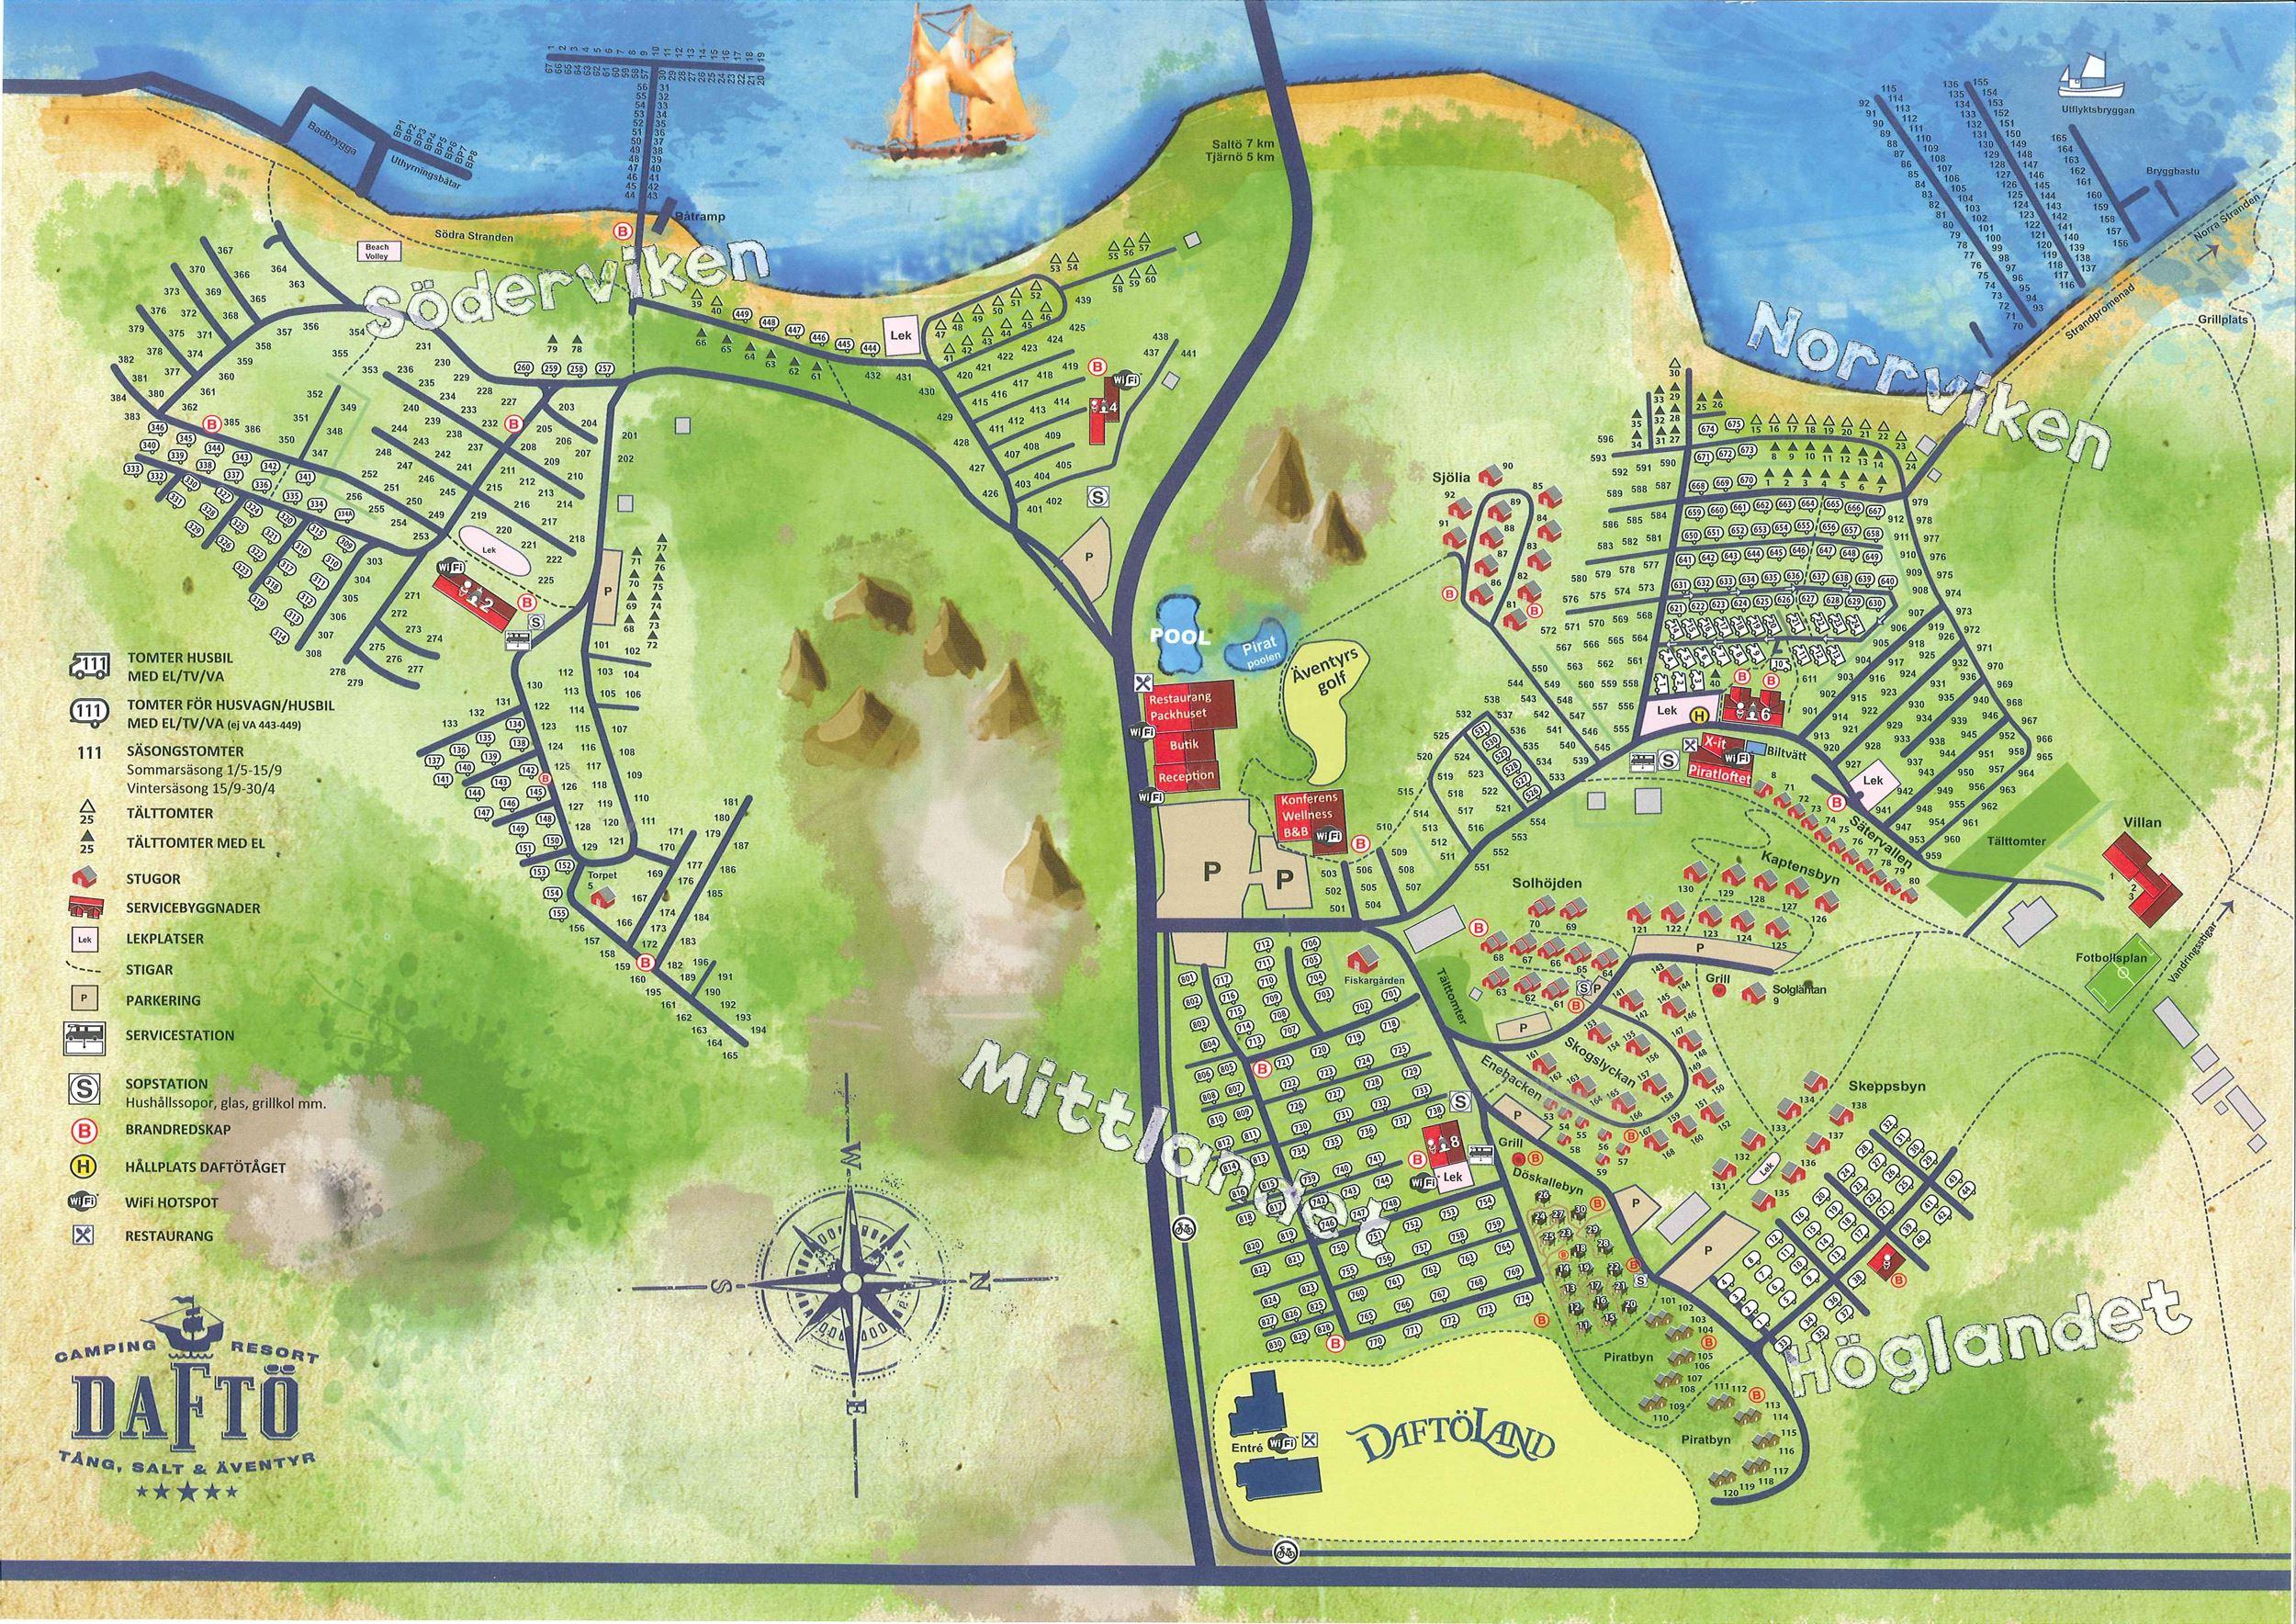 karta över campingplatser i sverige Daftö Camping Resort/Camping, Accommodation details, Campingpitch  karta över campingplatser i sverige